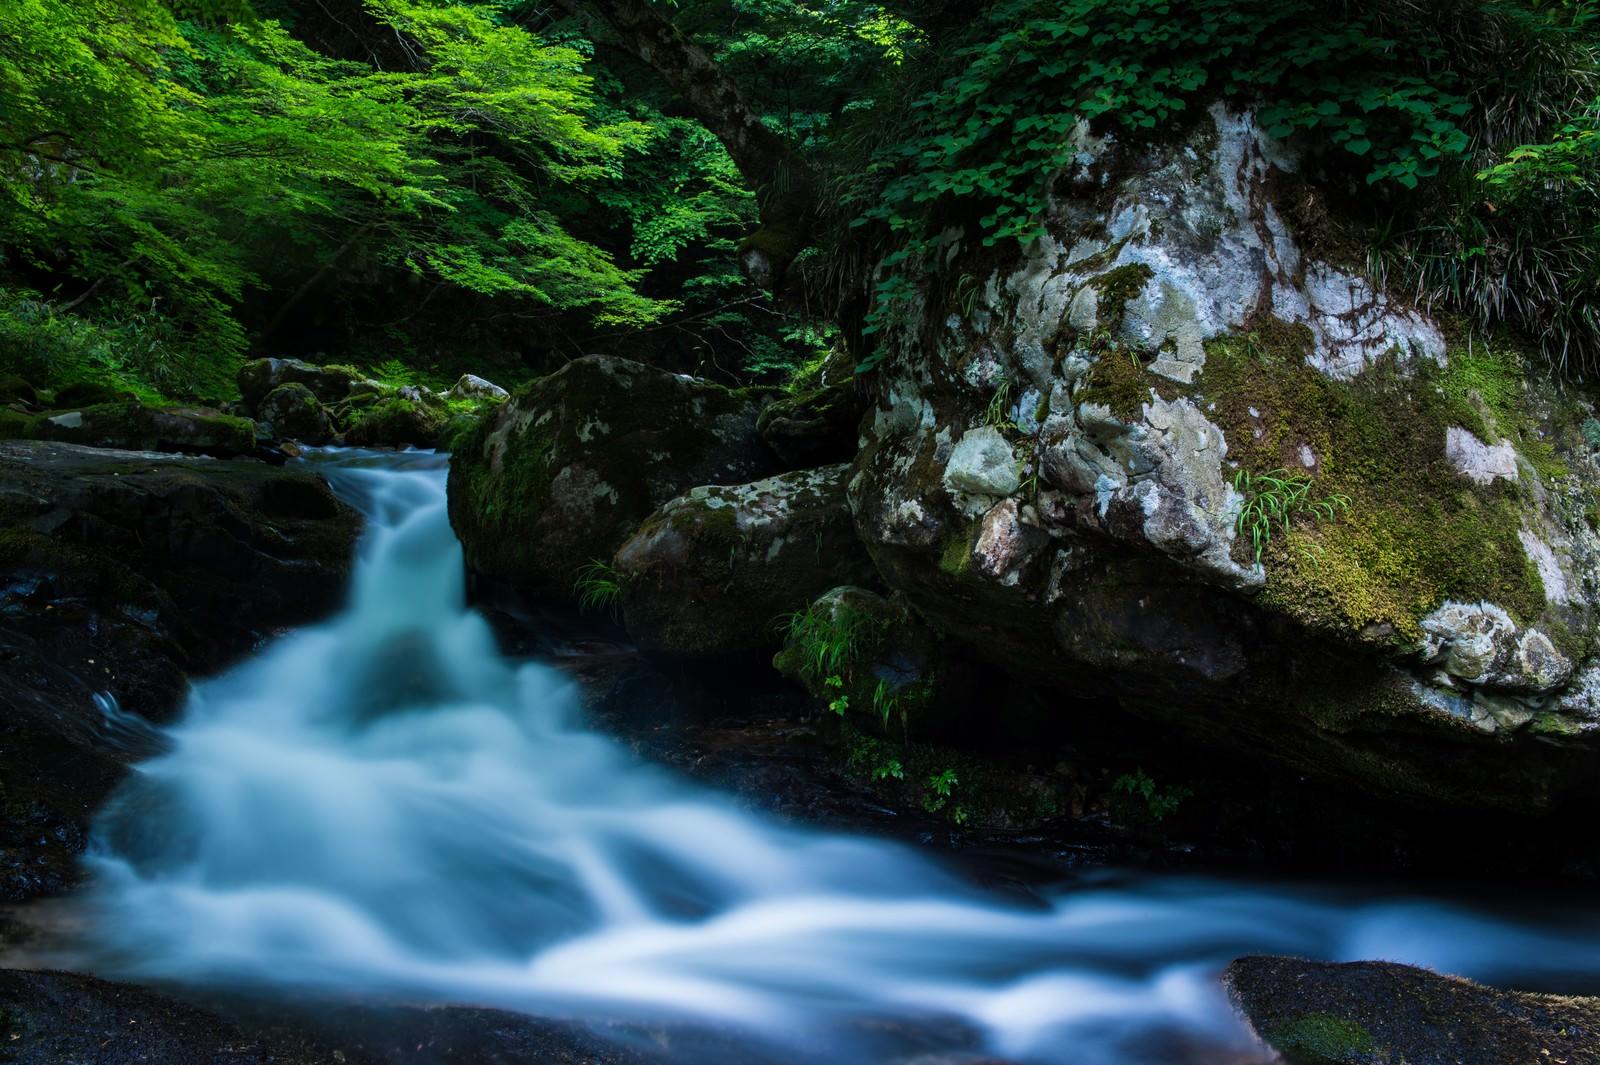 「新緑と岩の間を流れる美しい清流(鏡野町)」の写真